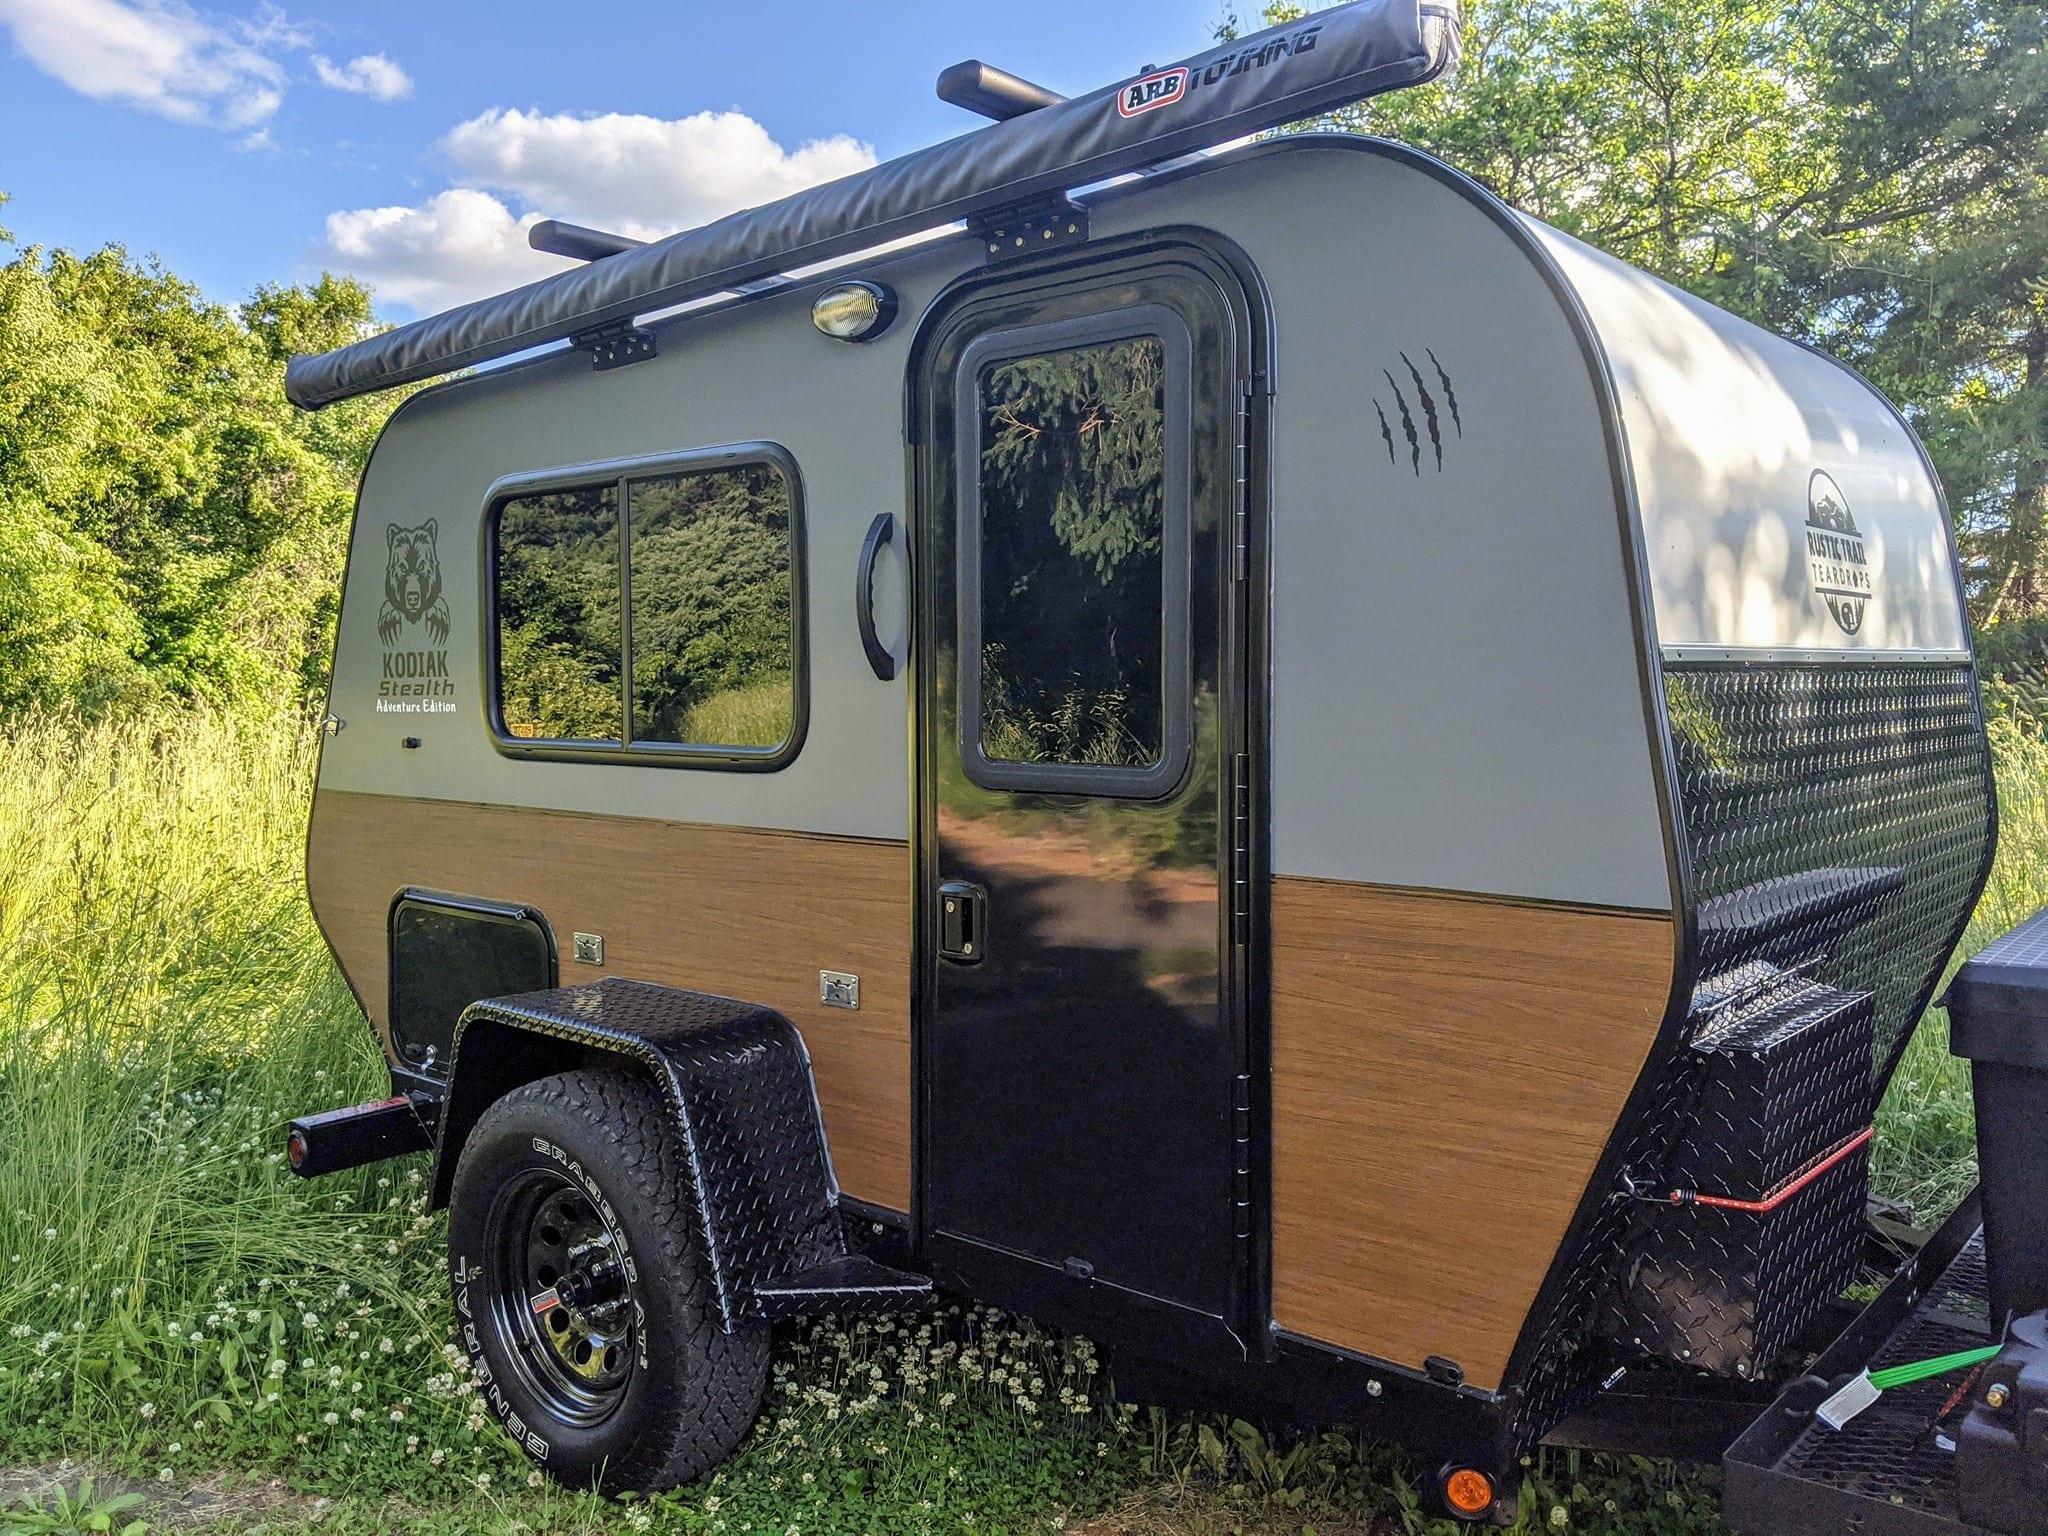 Rustic Trail Teardrop Camper Kodiak Stealth 2020